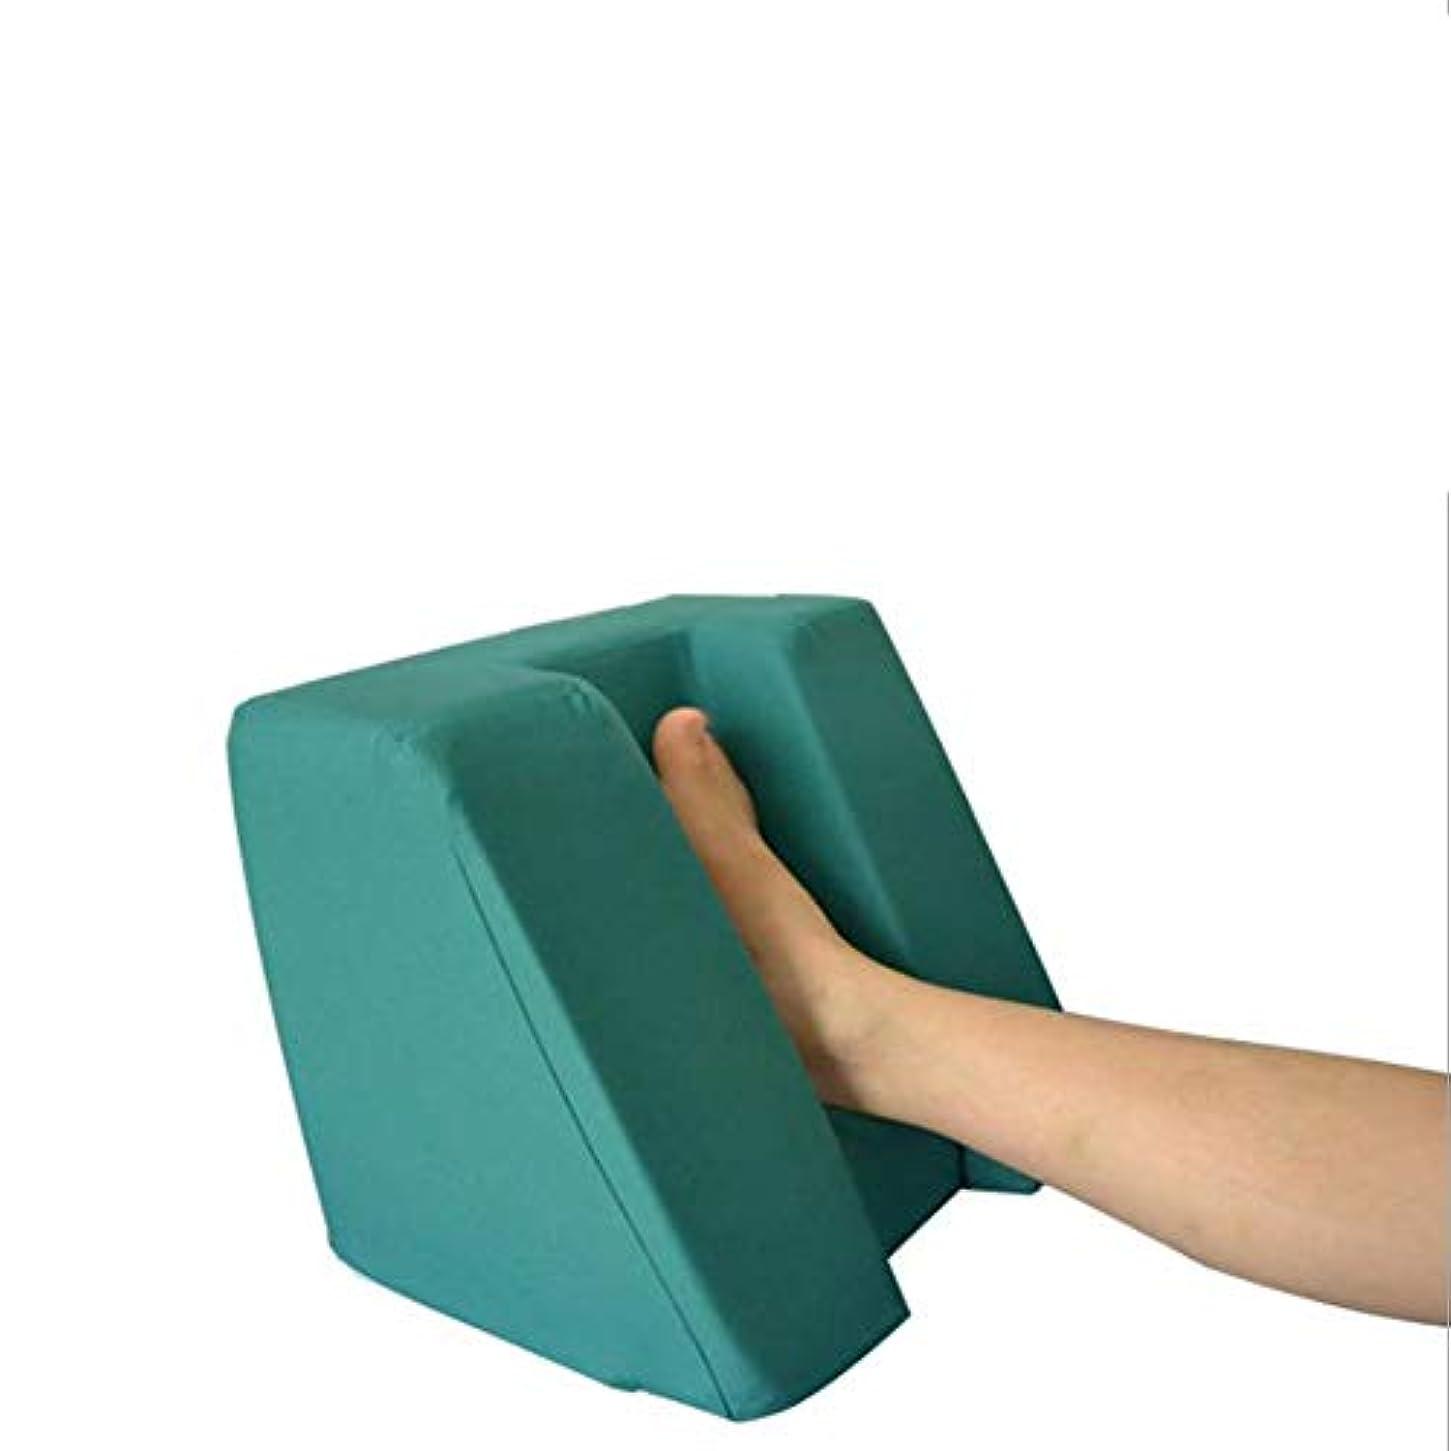 完璧腸可動床ずれ防止綿通気性ヒールクッション、圧力解放ヒールプロテクター。